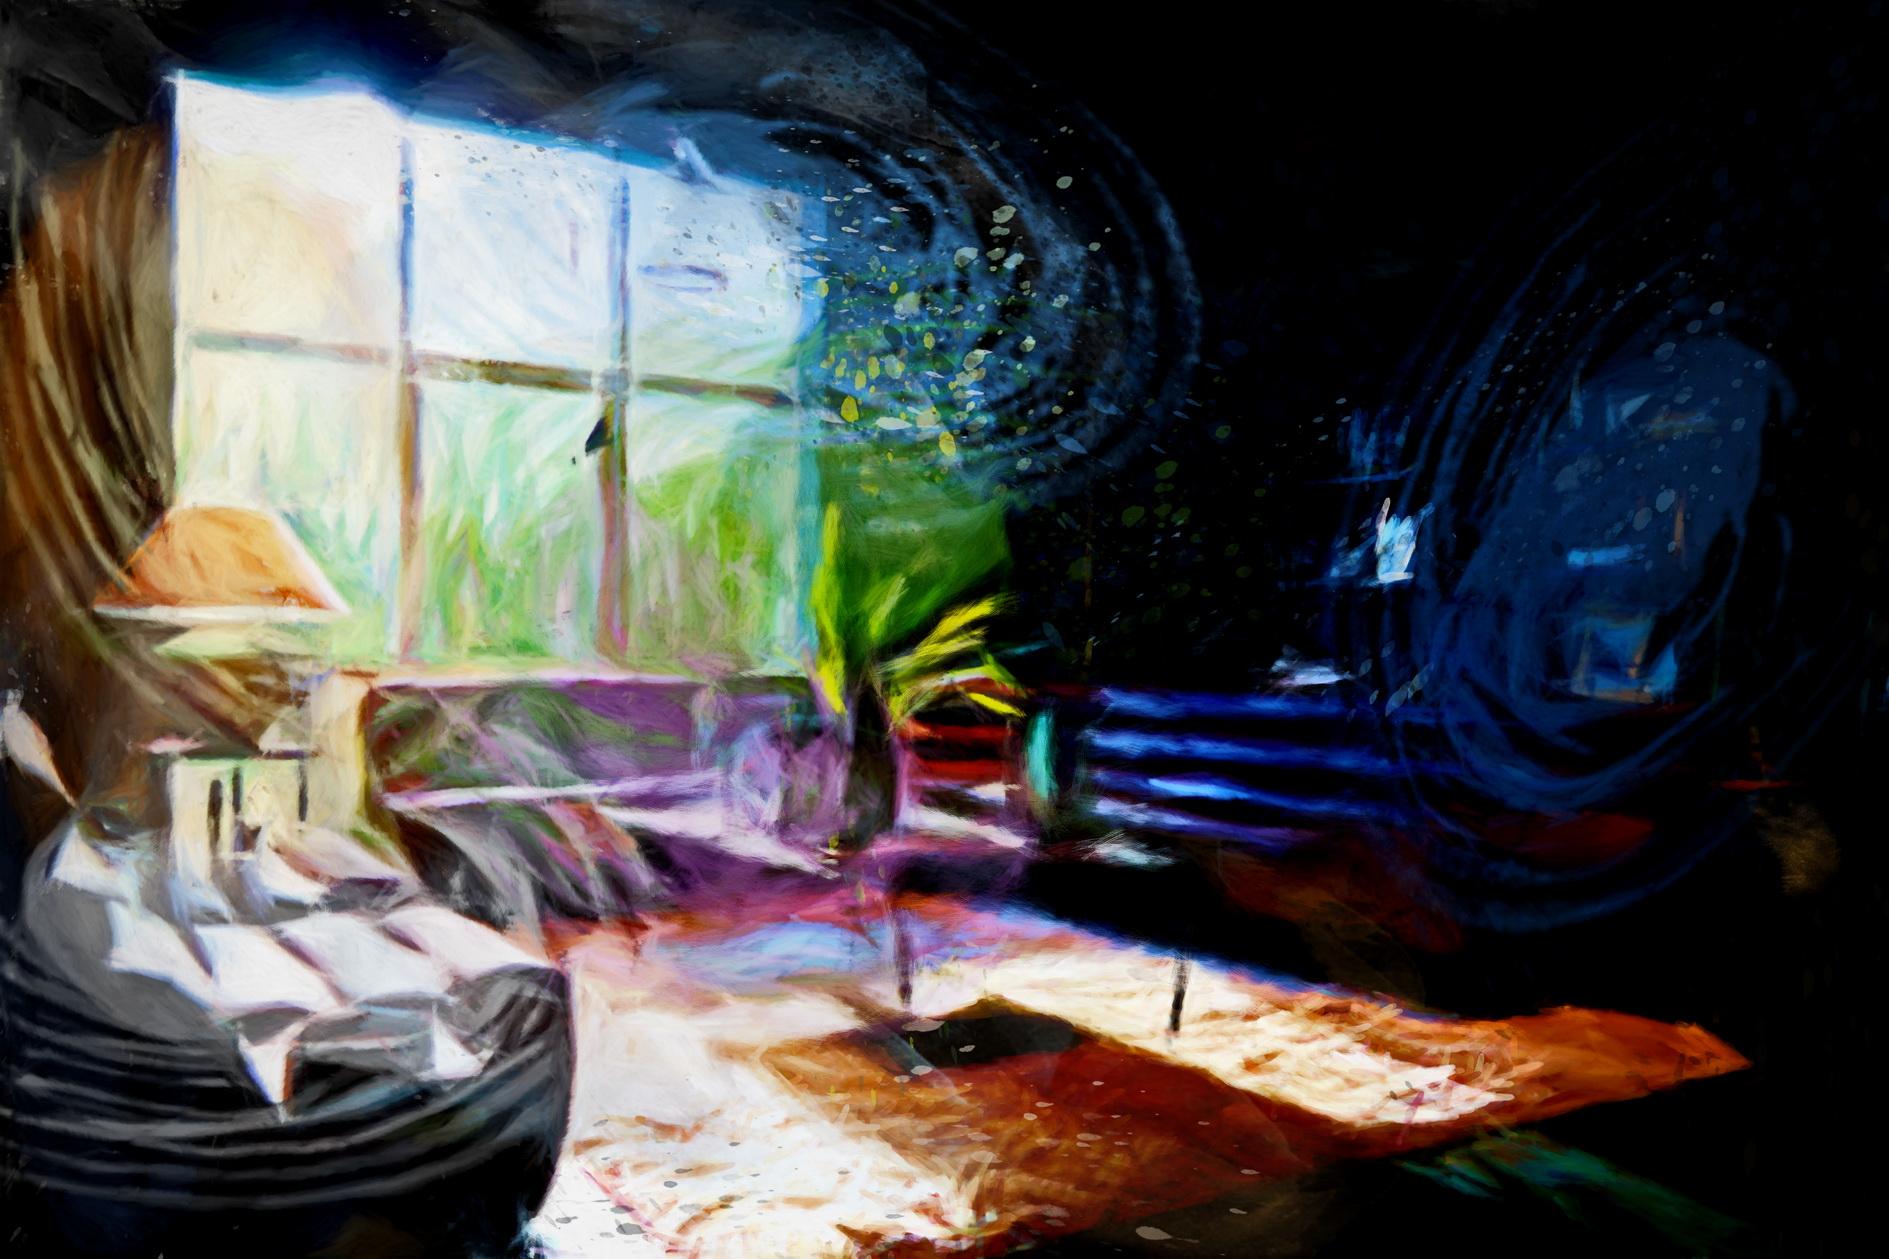 Art de vivre et inspiration, un tableau de l'artiste Laure Van De Meele, en visite chez Flamant Inte